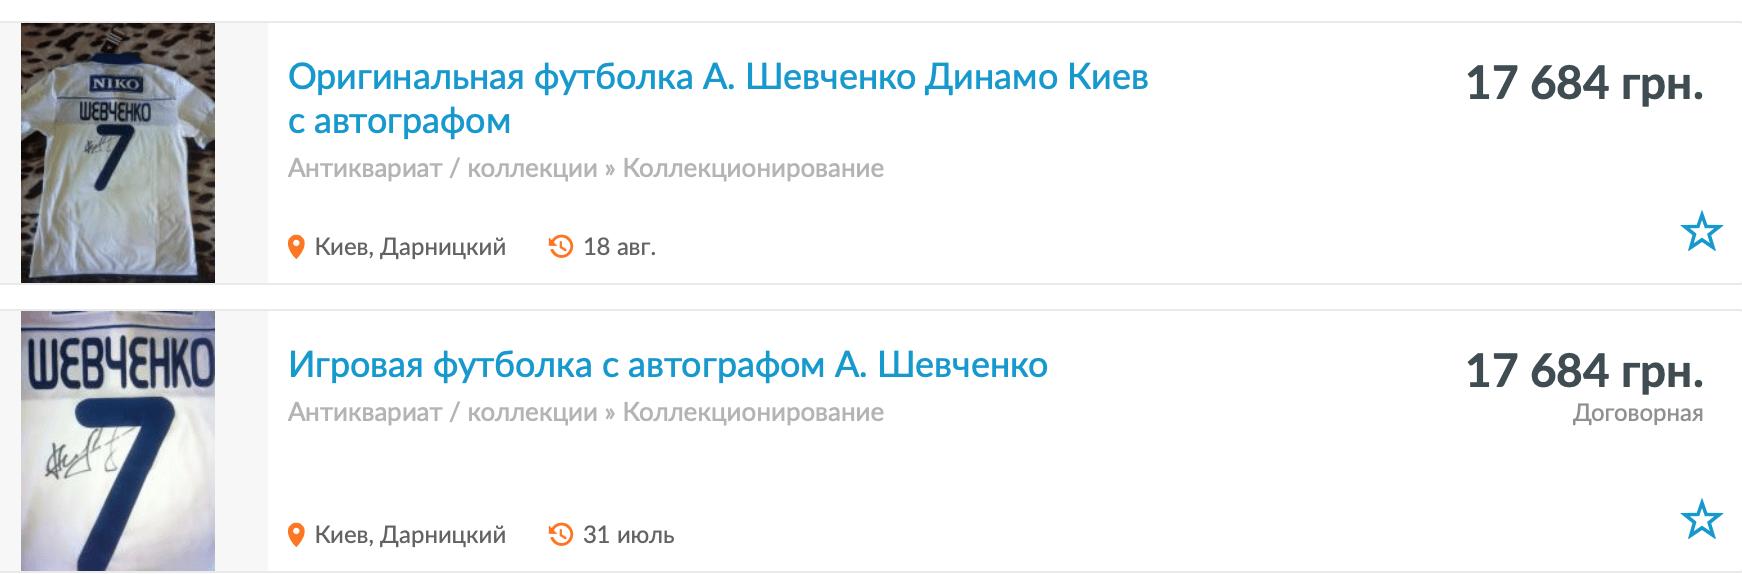 Вот это болельщики: онлайн можно купить футболки Шевченко, Ярмоленко и многих других (Фото) - изображение 3